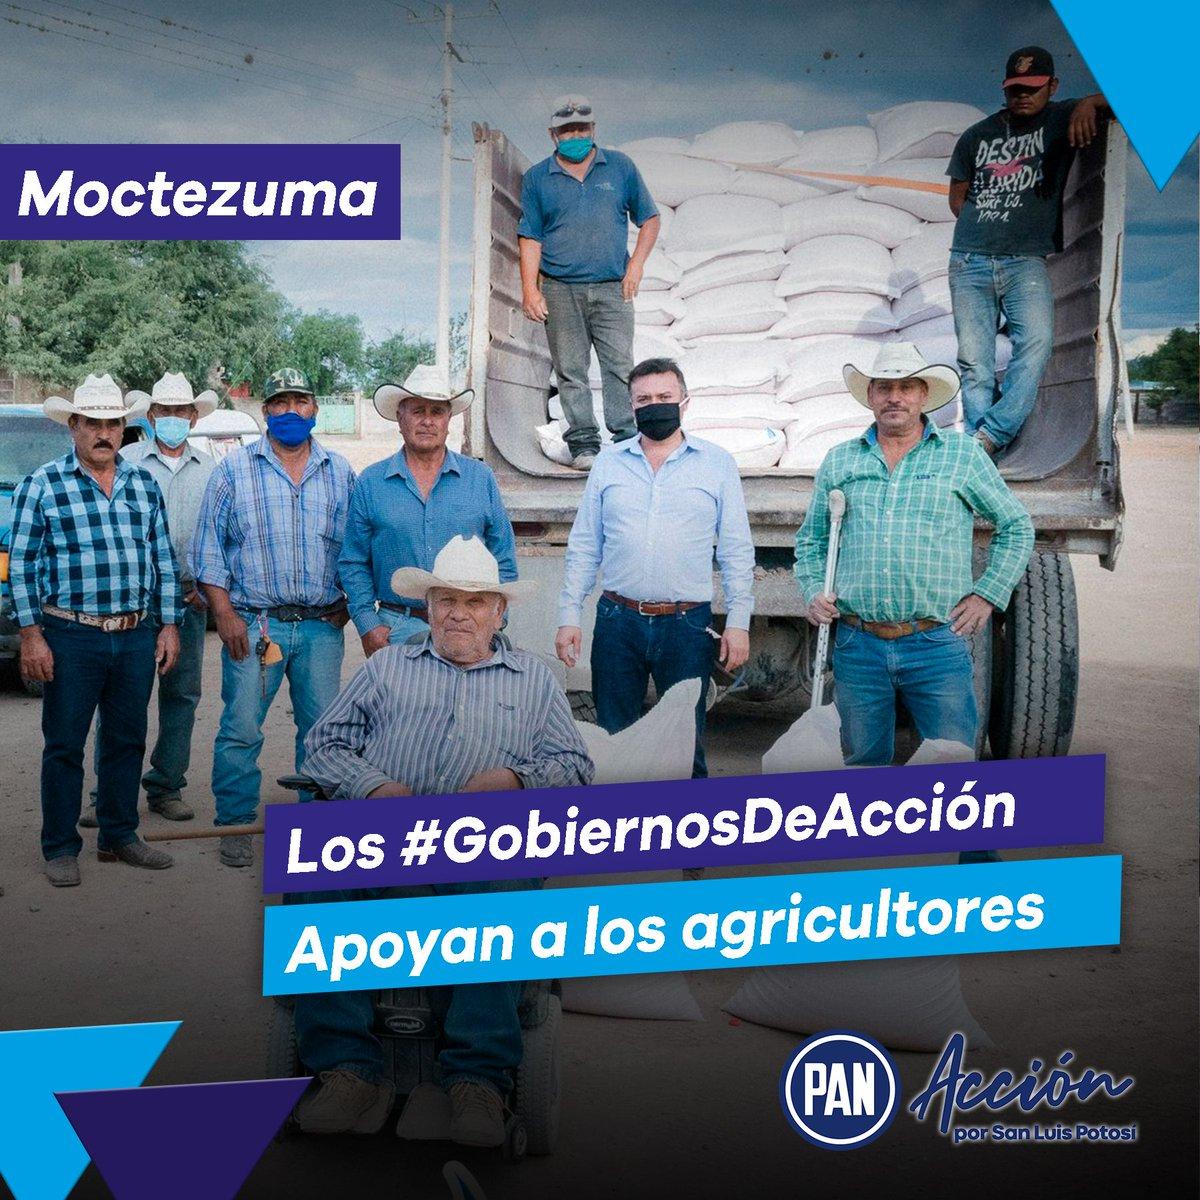 Un buen gobierno entienda las necesidades de su gente 👍👏  En Moctezuma nuestros #GobiernosDeAcción apoyaron a las y los agricultores del municipio, demostrando la importancia que tienen 🙌🔵 https://t.co/ePuQNHwEJH